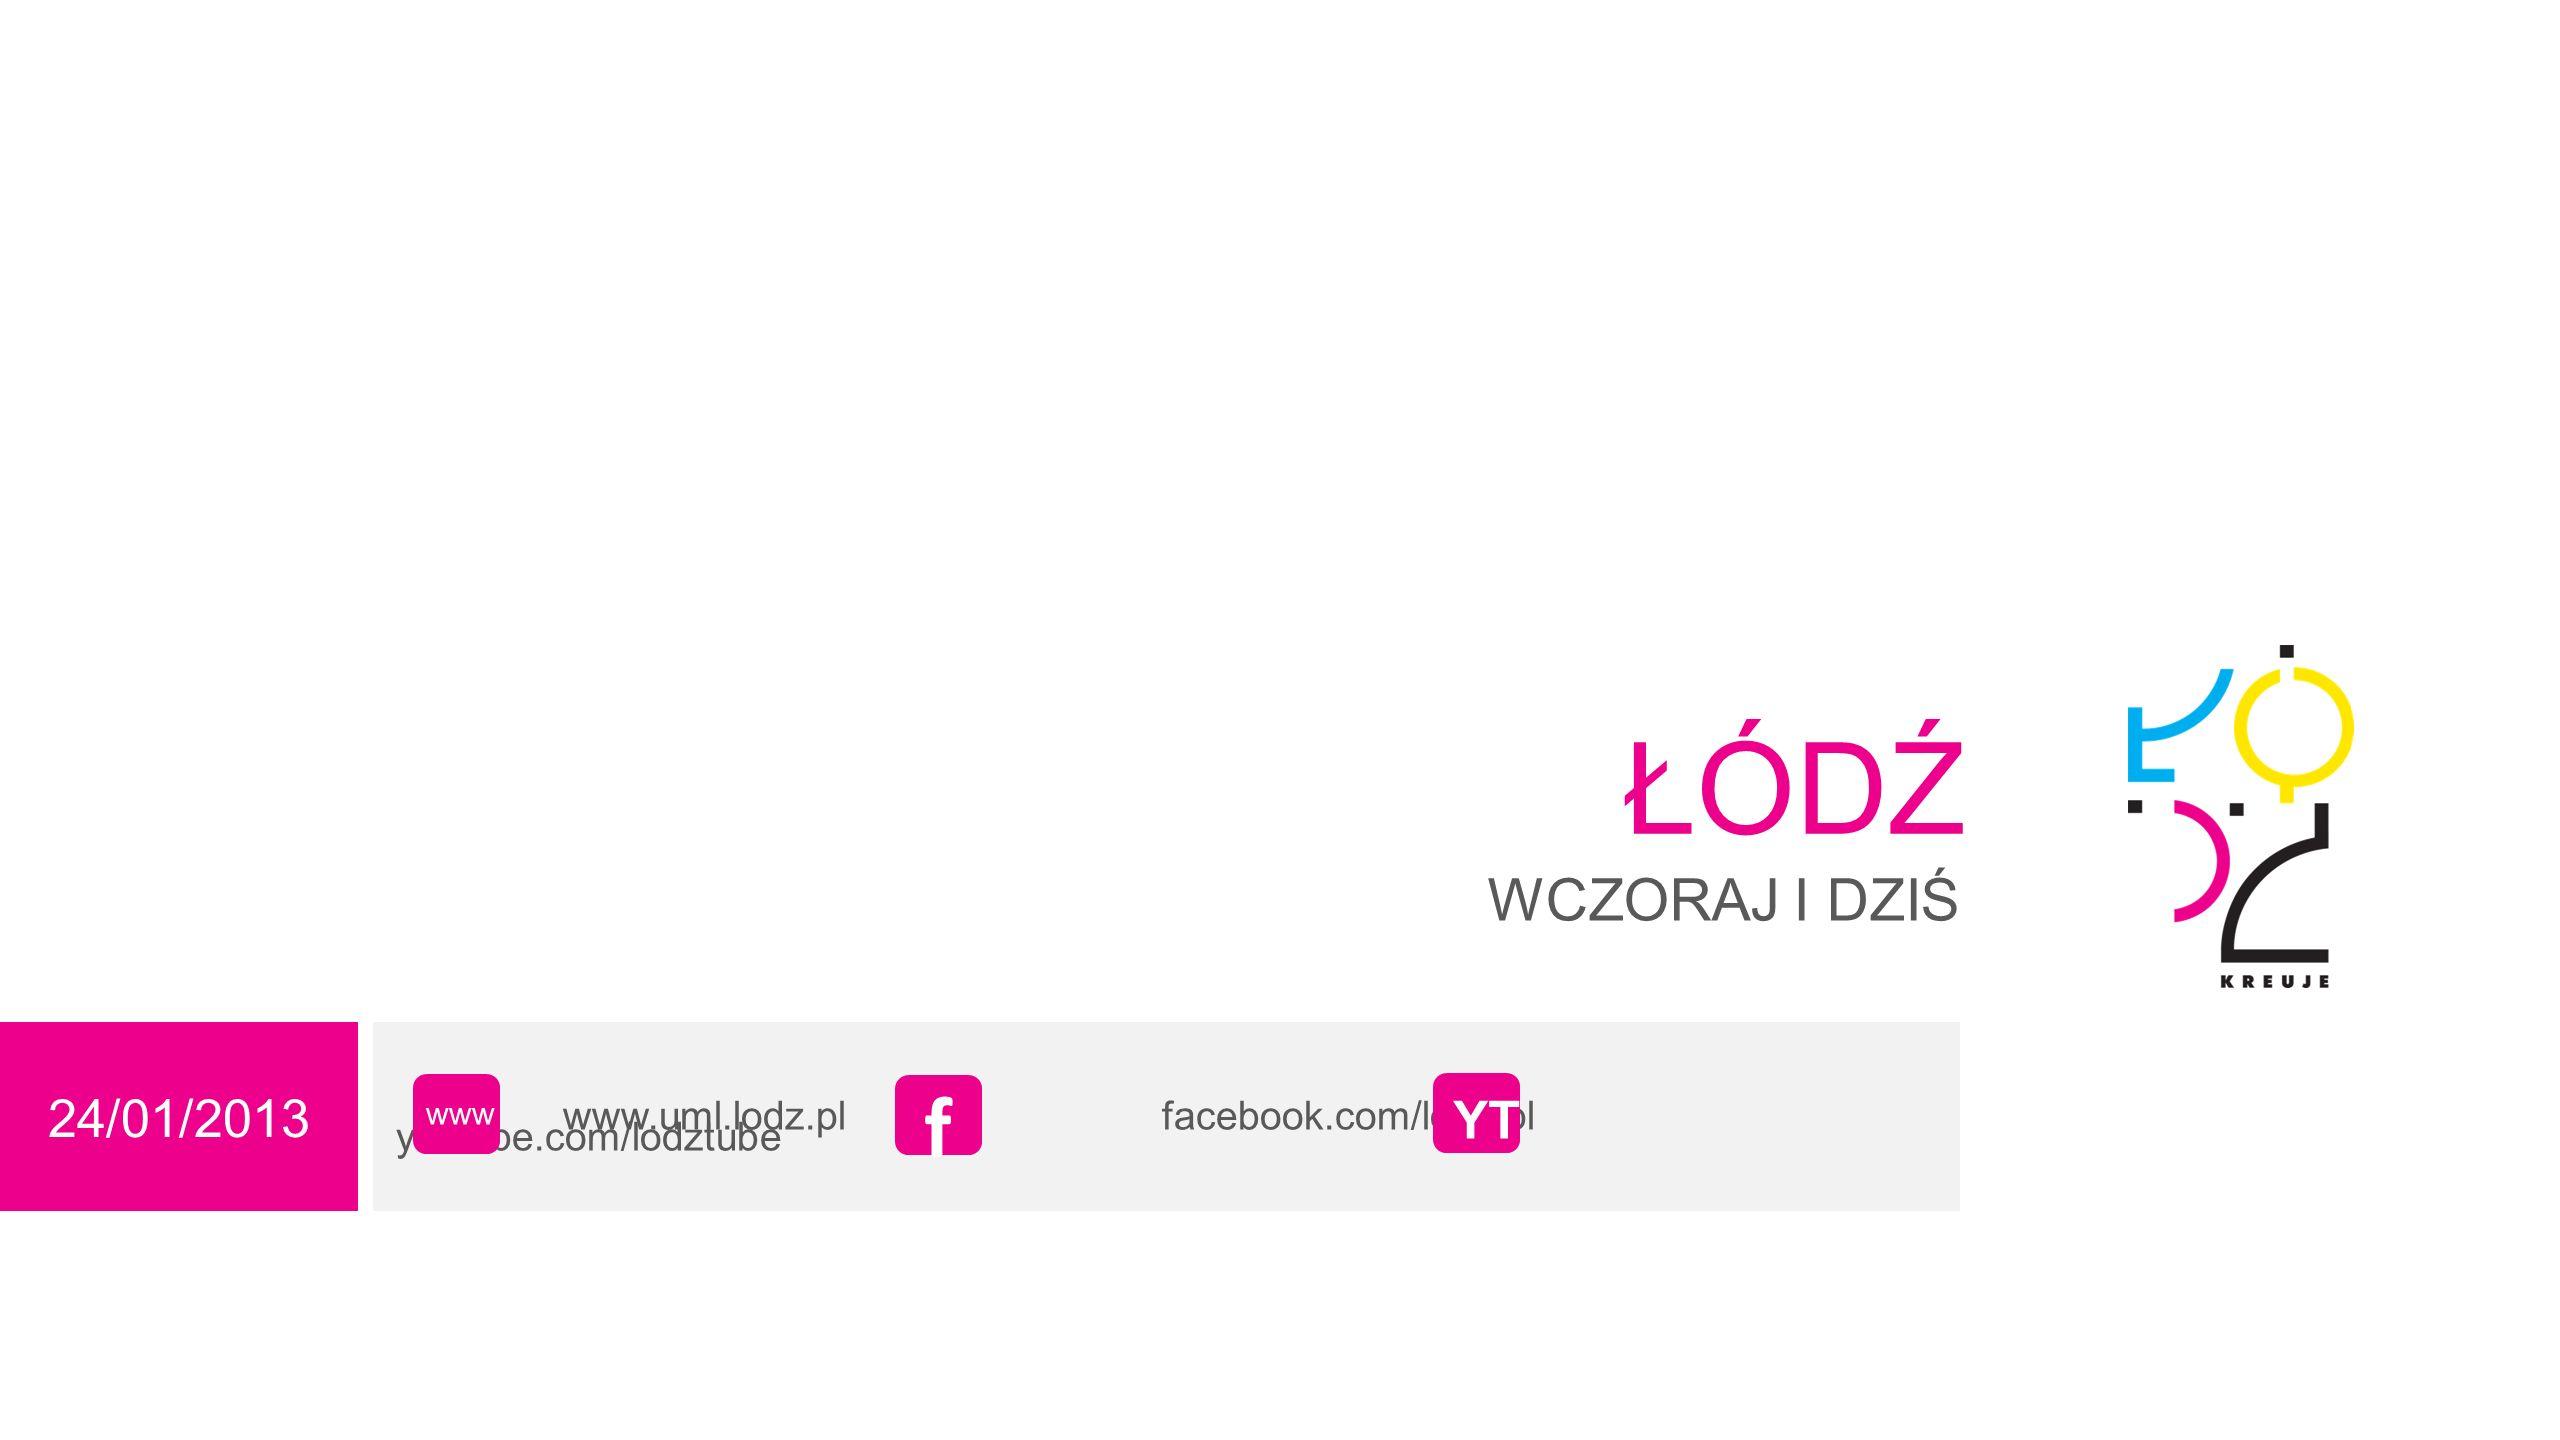 24/01/2013 ŁÓDŹ WCZORAJ I DZIŚ www.uml.lodz.pl facebook.com/lodz.pl youtube.com/lodztube www f YT